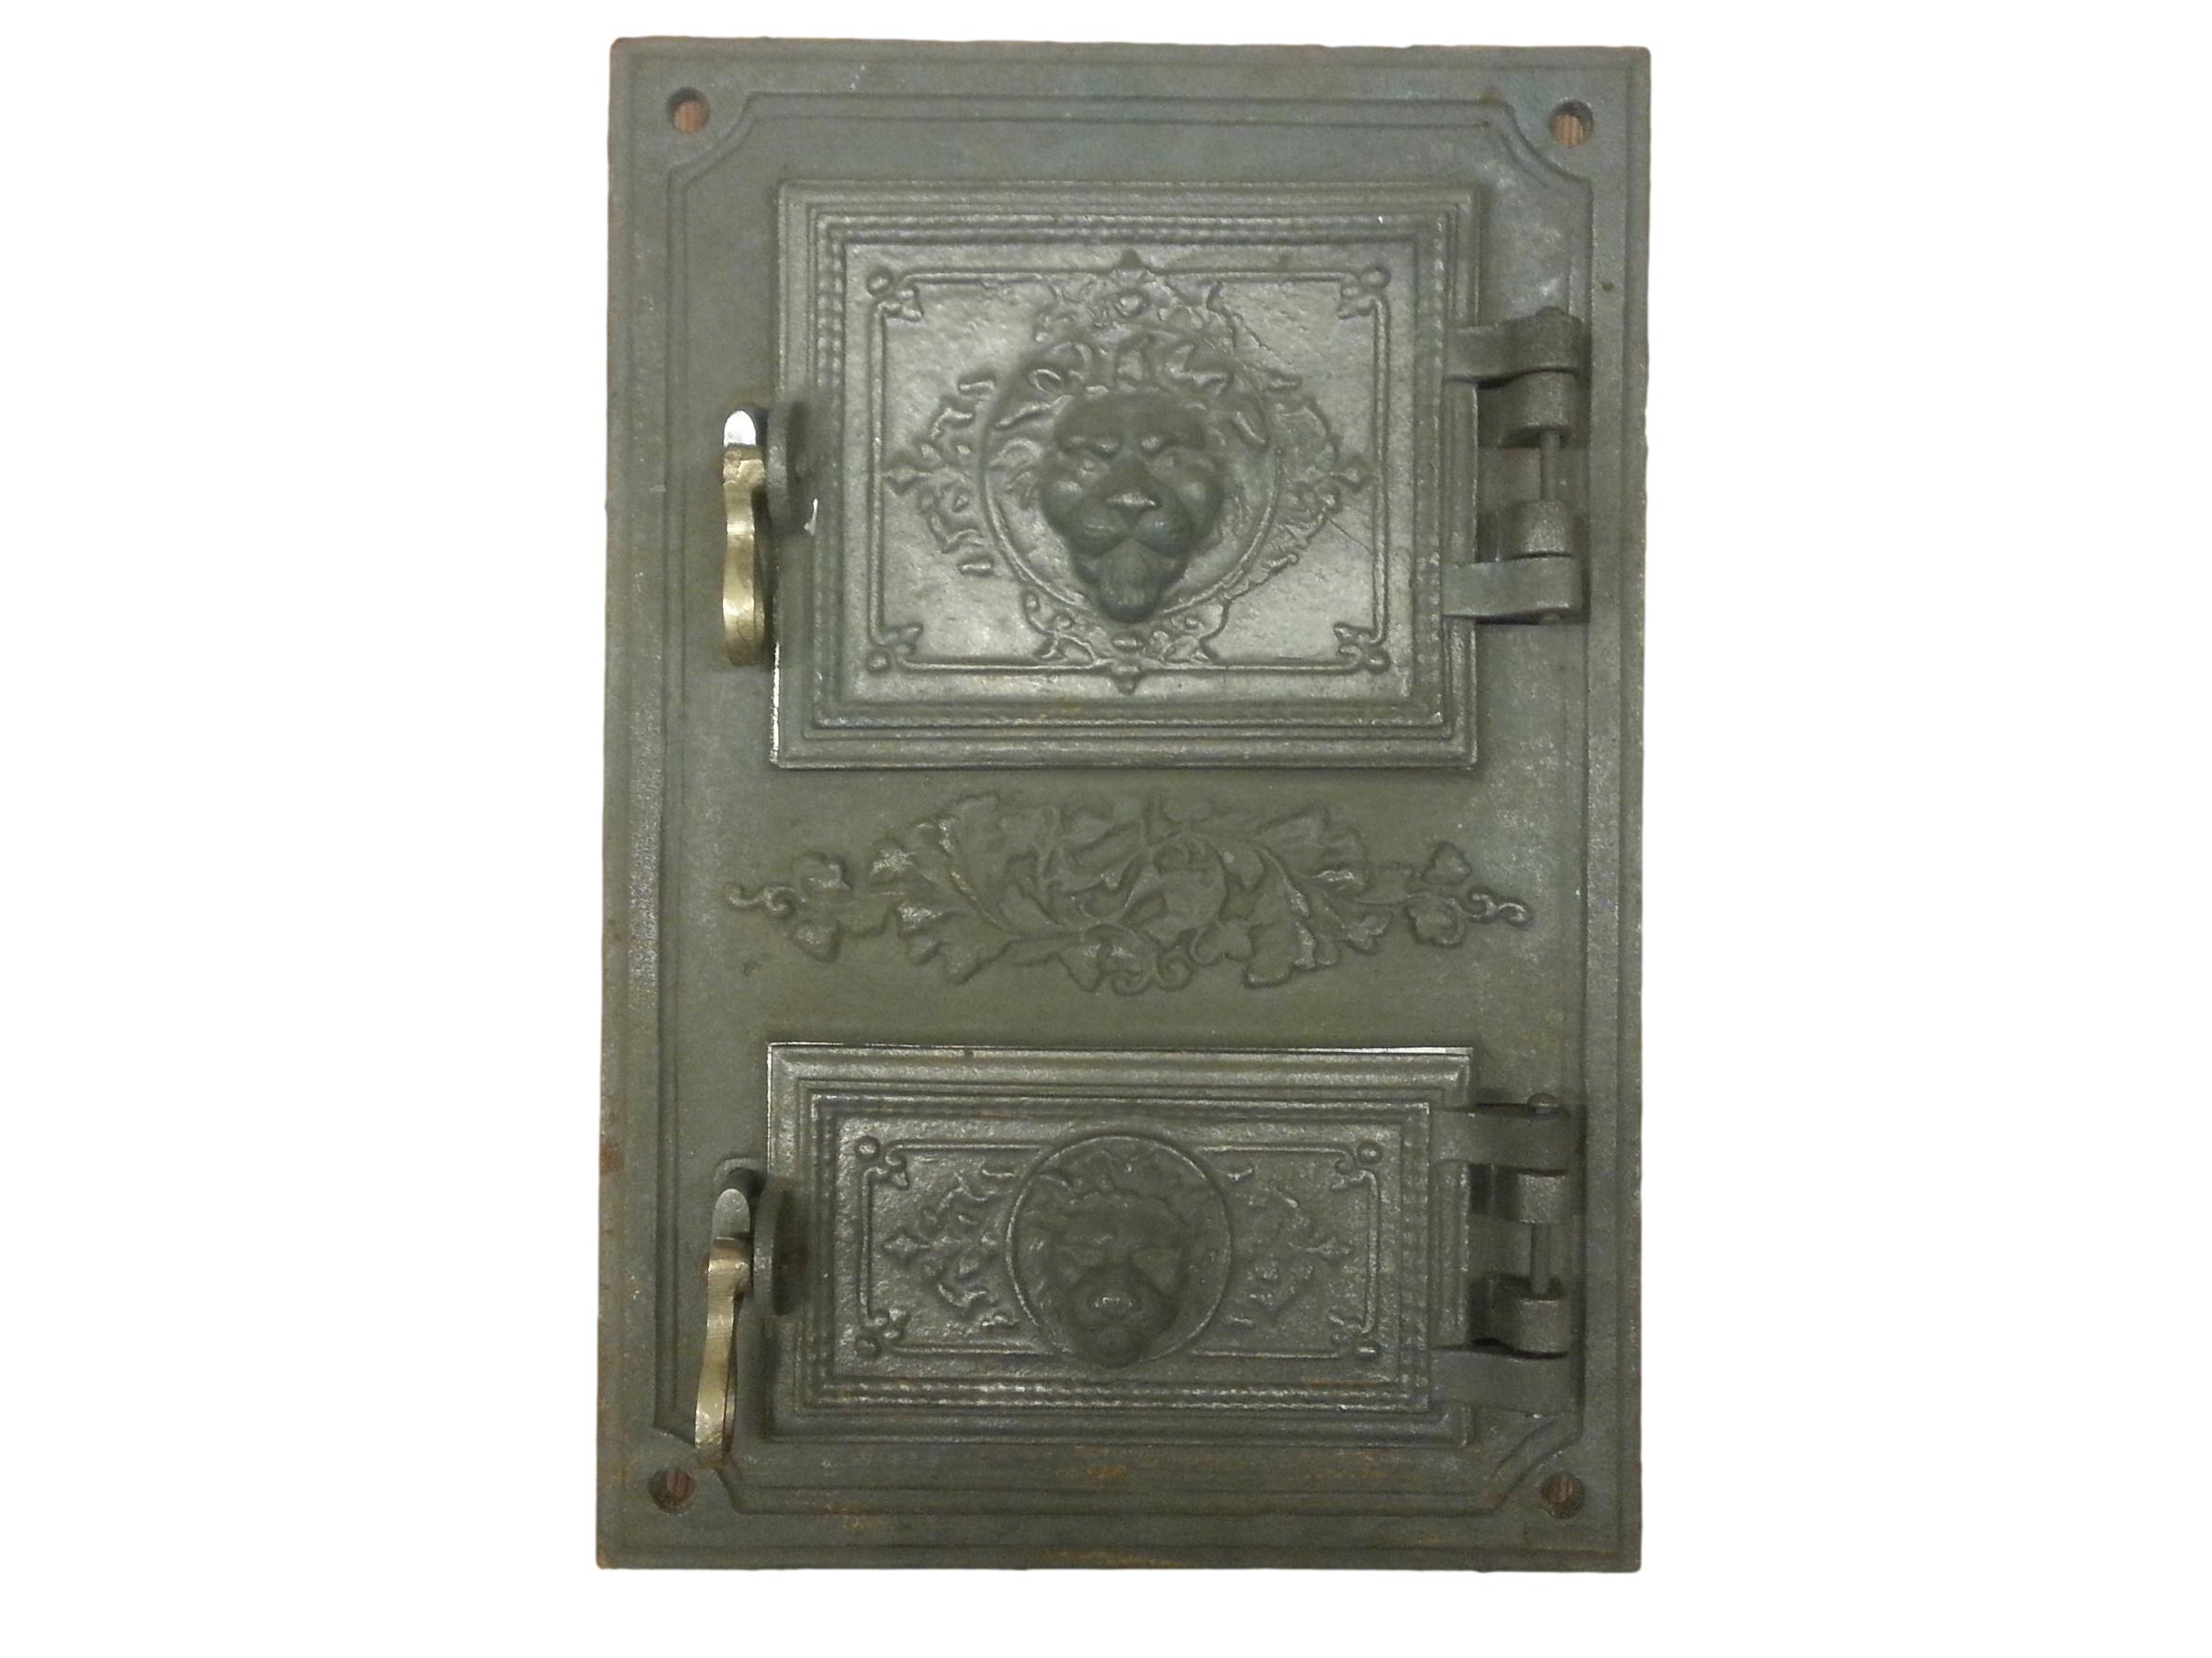 drzwiczki,żeliwne,piecowe,kuchenne,prostokątne, z popielnikiem, LEW 00188